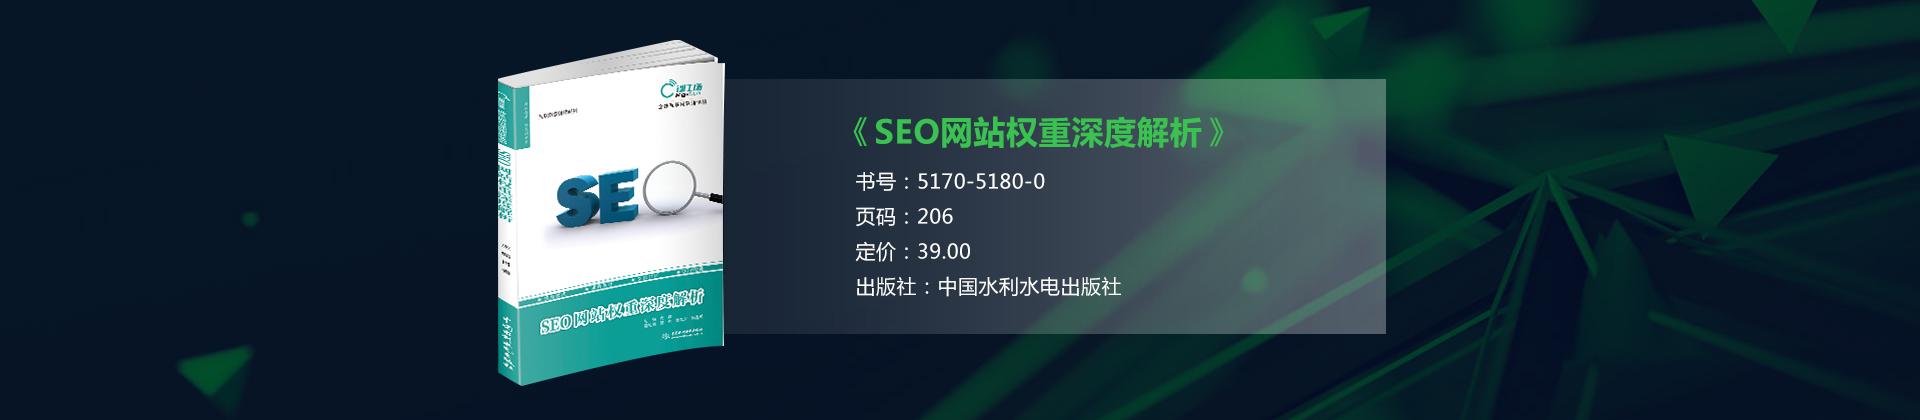 SEO网站权重深度解析